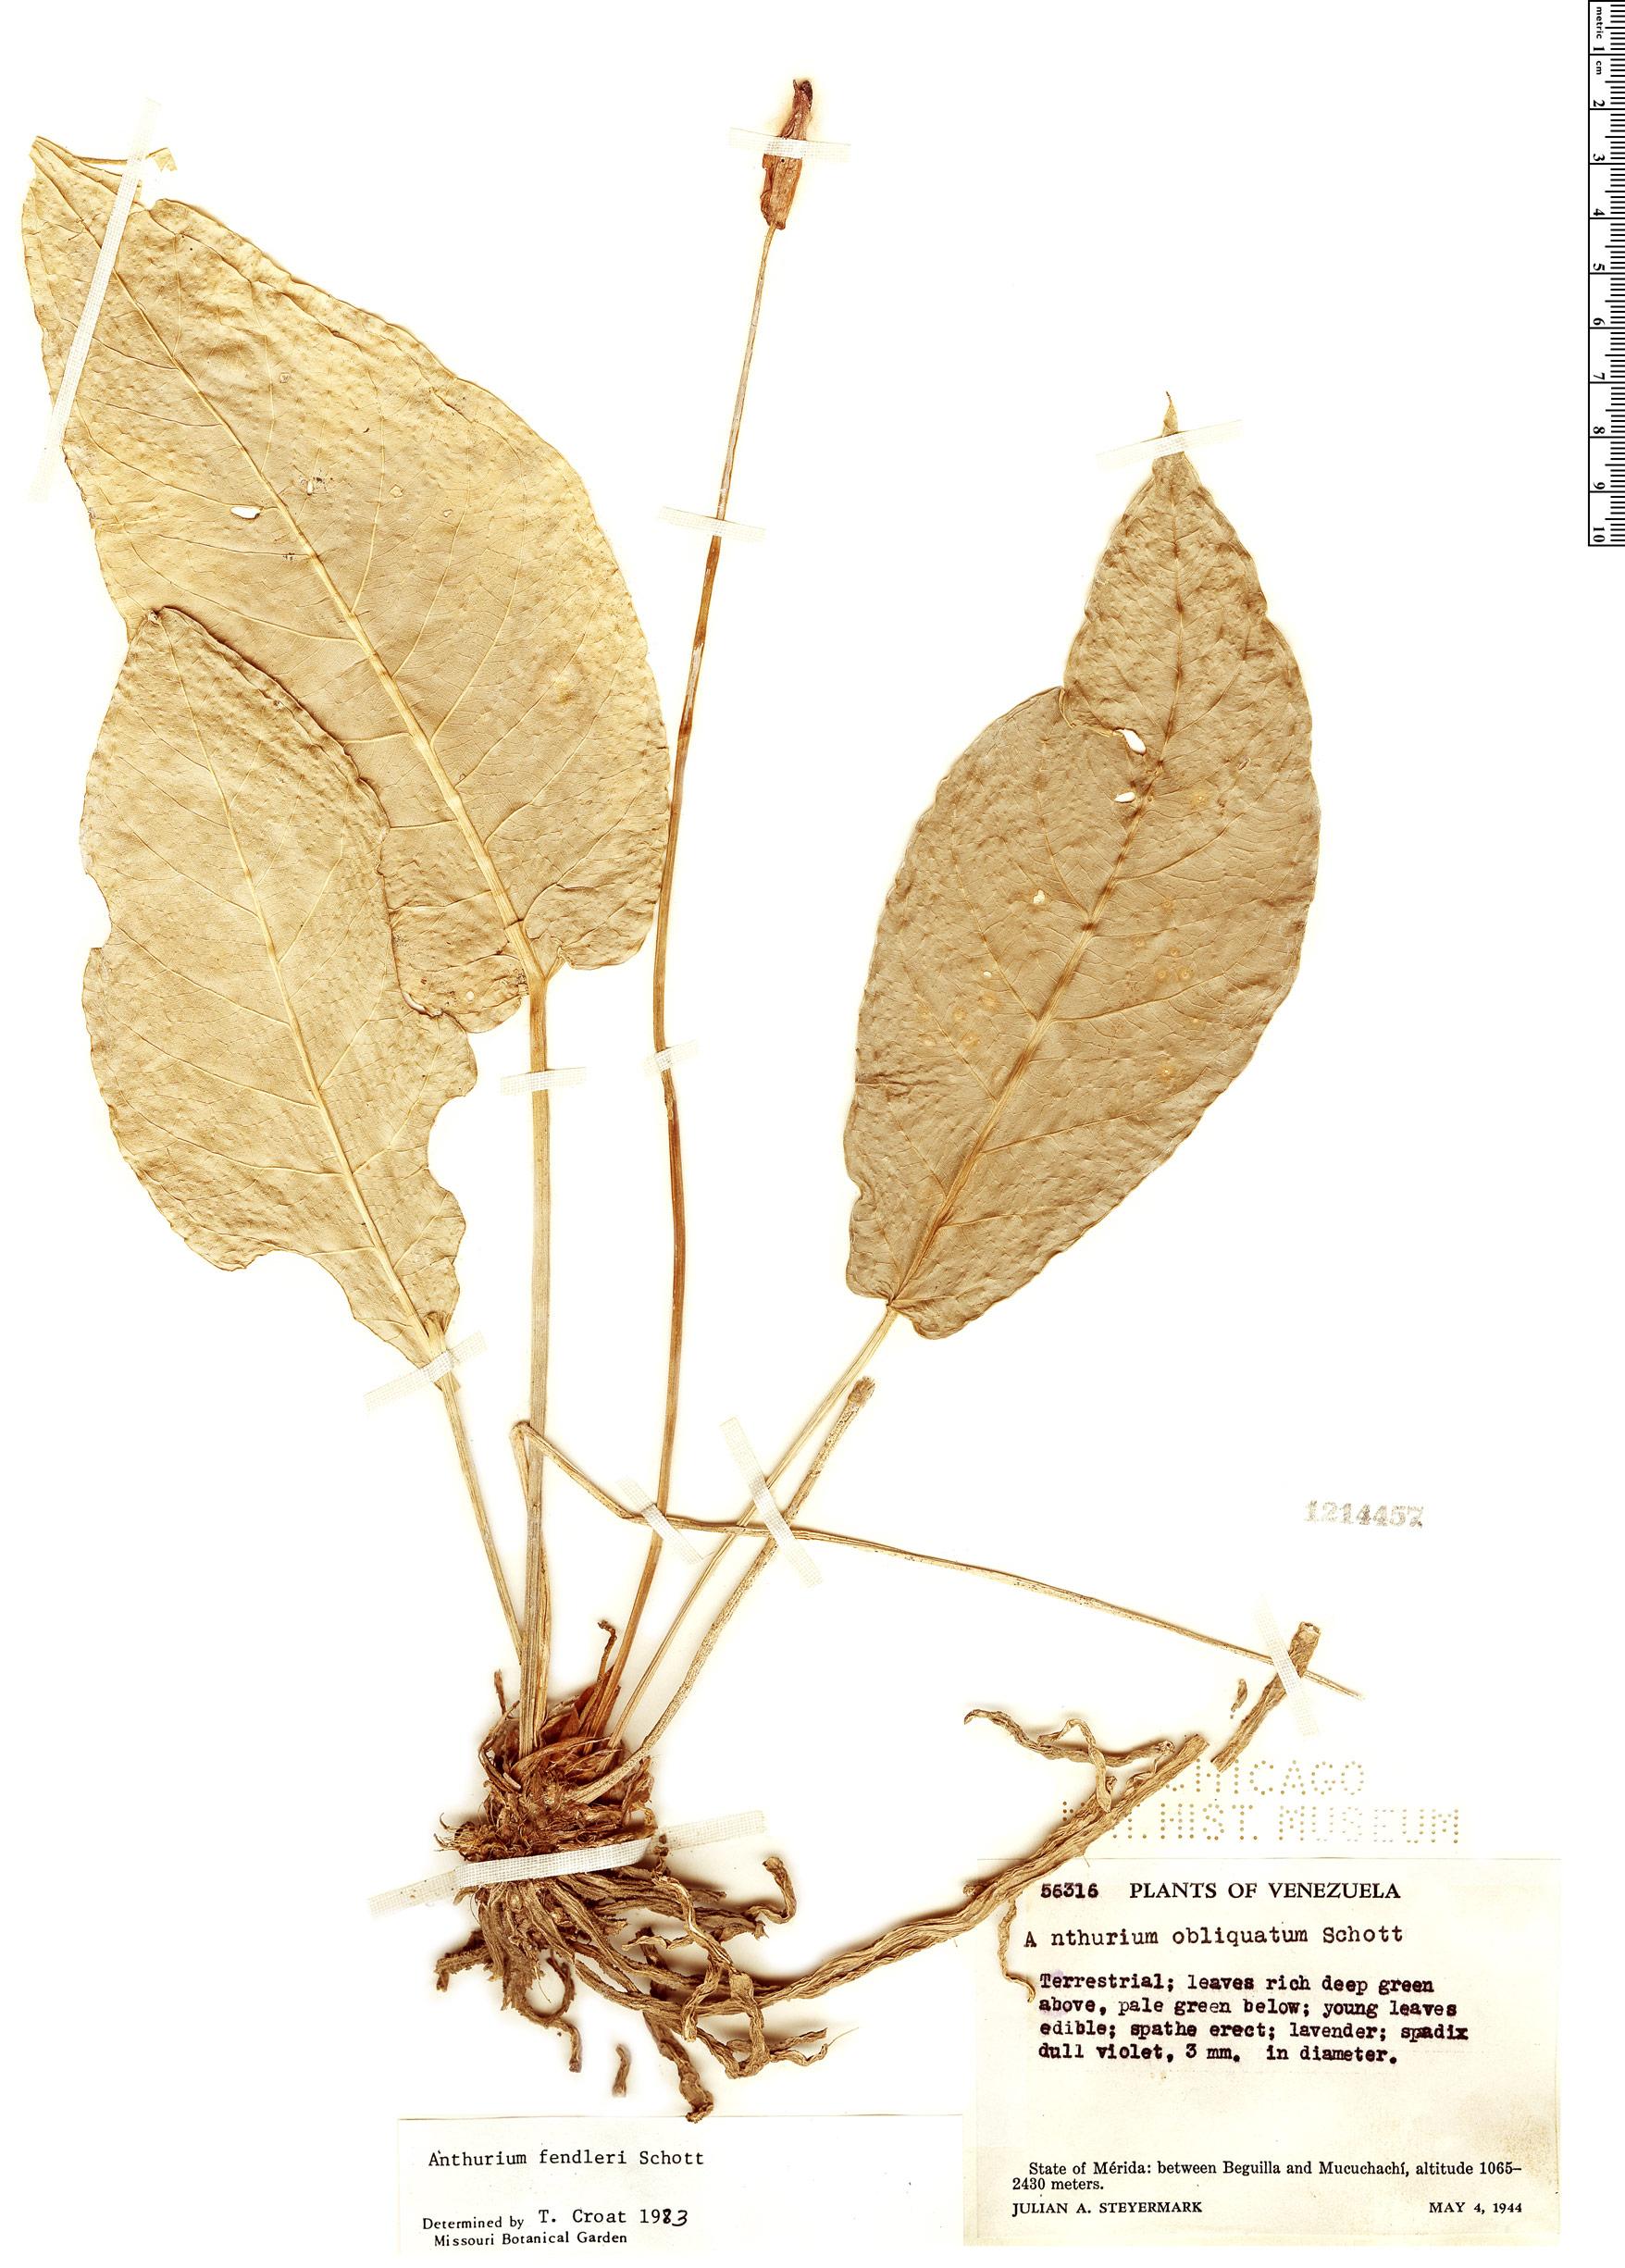 Specimen: Anthurium fendleri